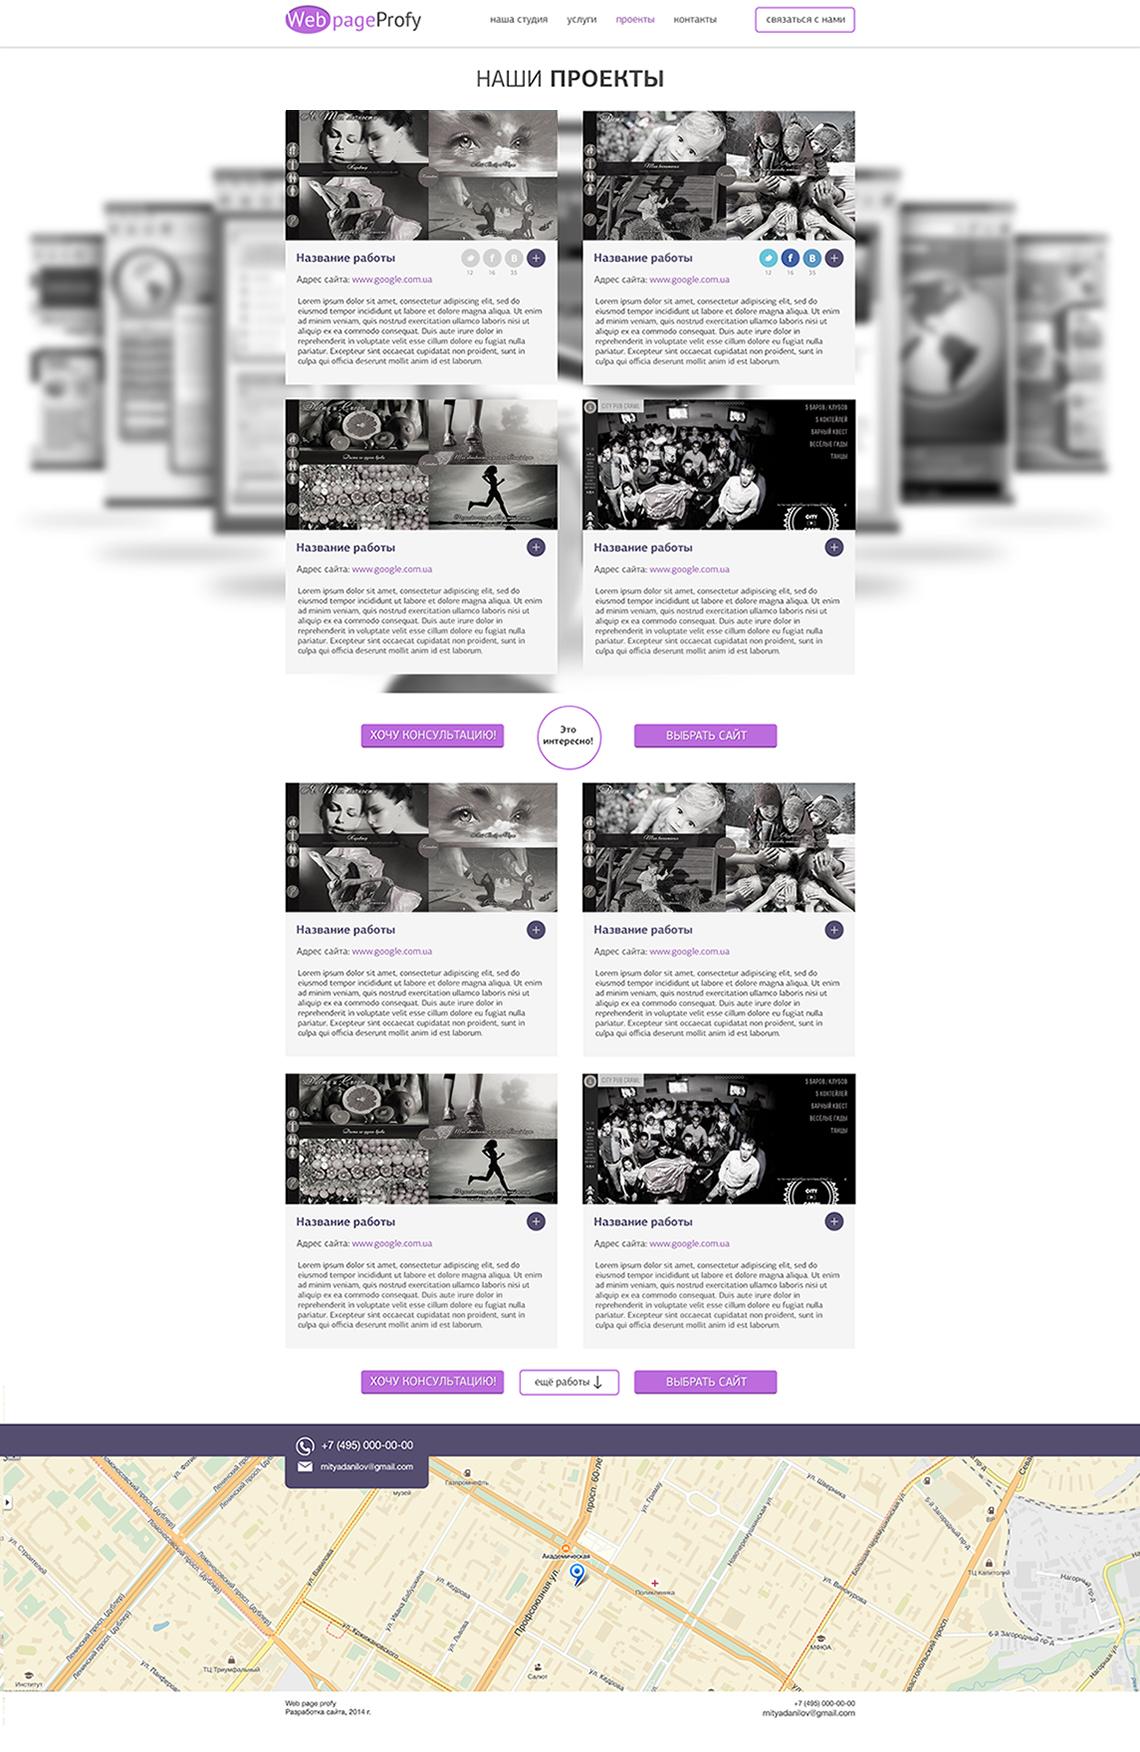 сайт студии страница портфолио